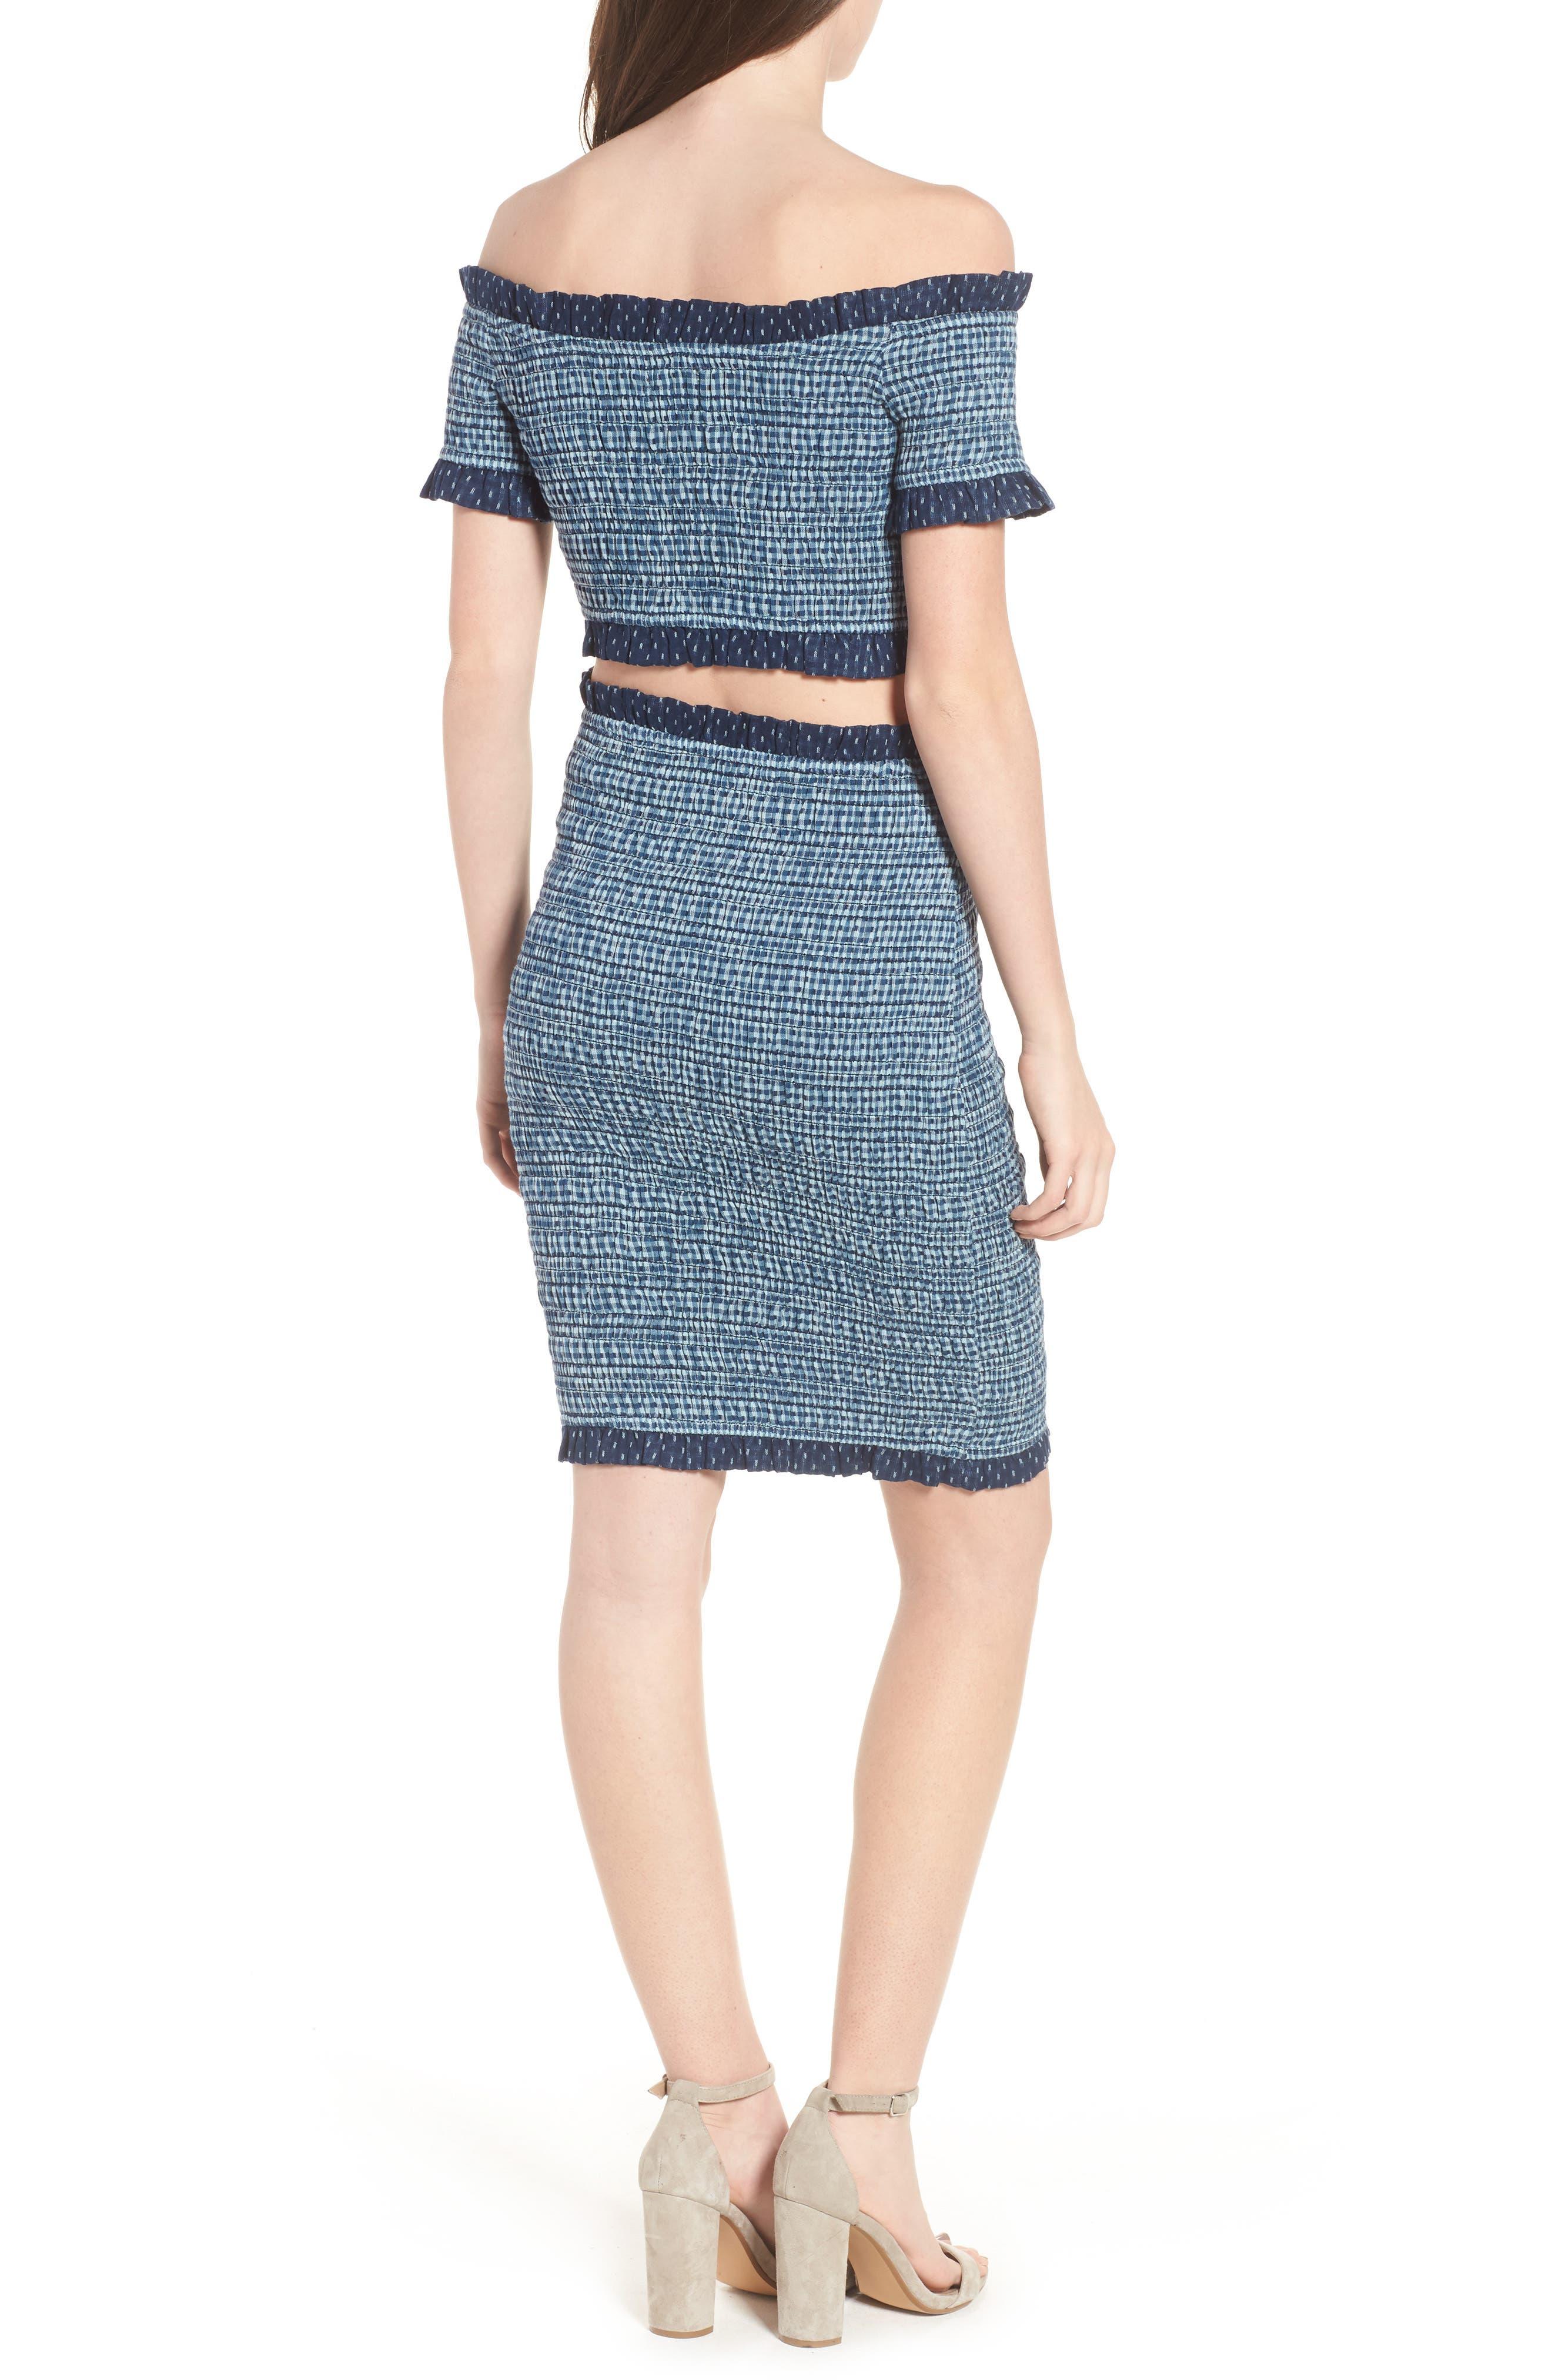 Kylie Smocked Skirt,                             Alternate thumbnail 8, color,                             001